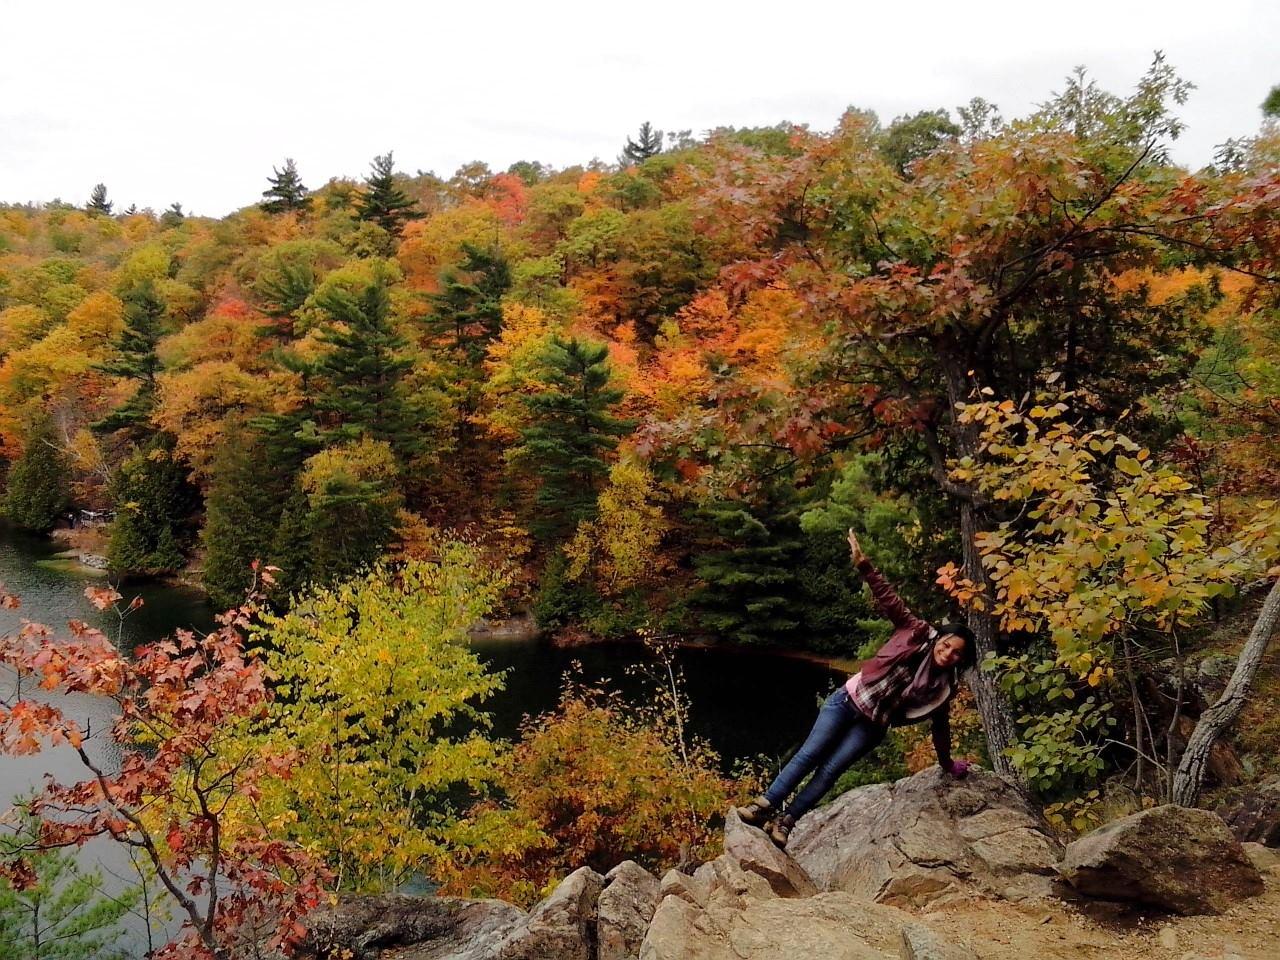 Étudiante parrainée qui se tient en équilibre sur sa main gauche devant un lac et des arbres